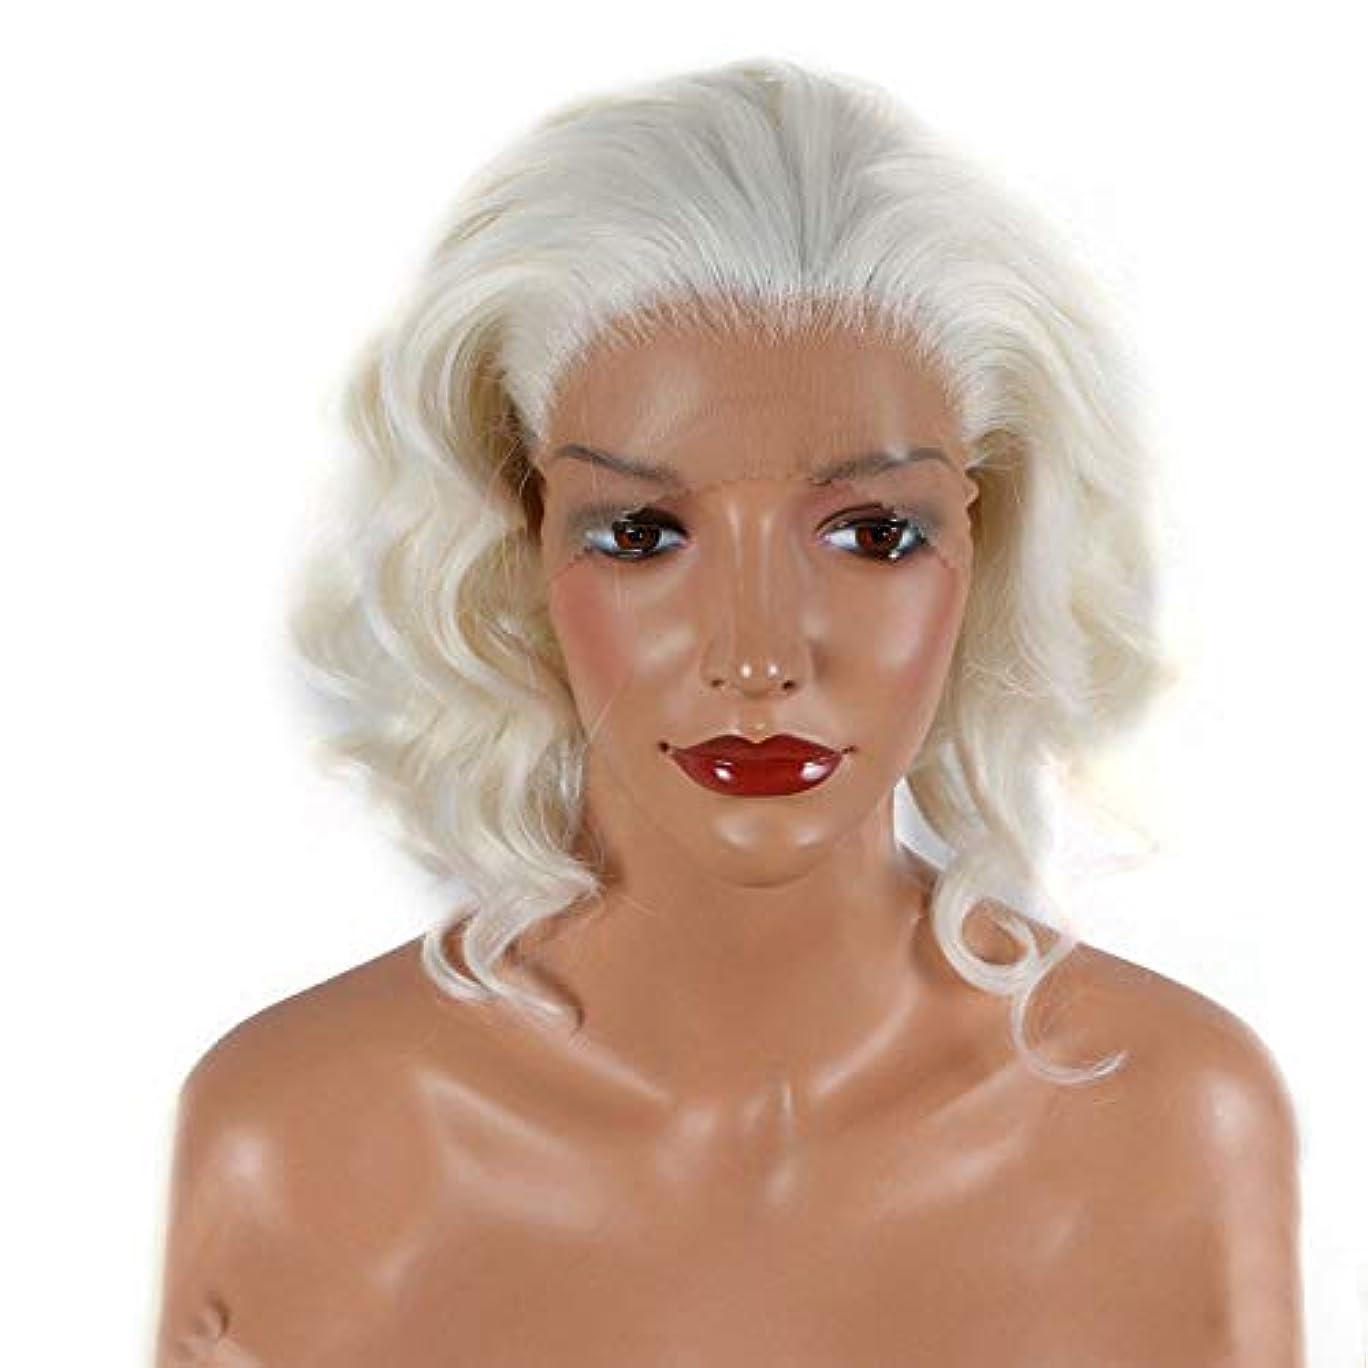 買収オーナメント正当化するYOUQIU 女性の日常かつらのために女子ショートボブスタイルカーリー白毛ウィッグ (色 : ホワイト)